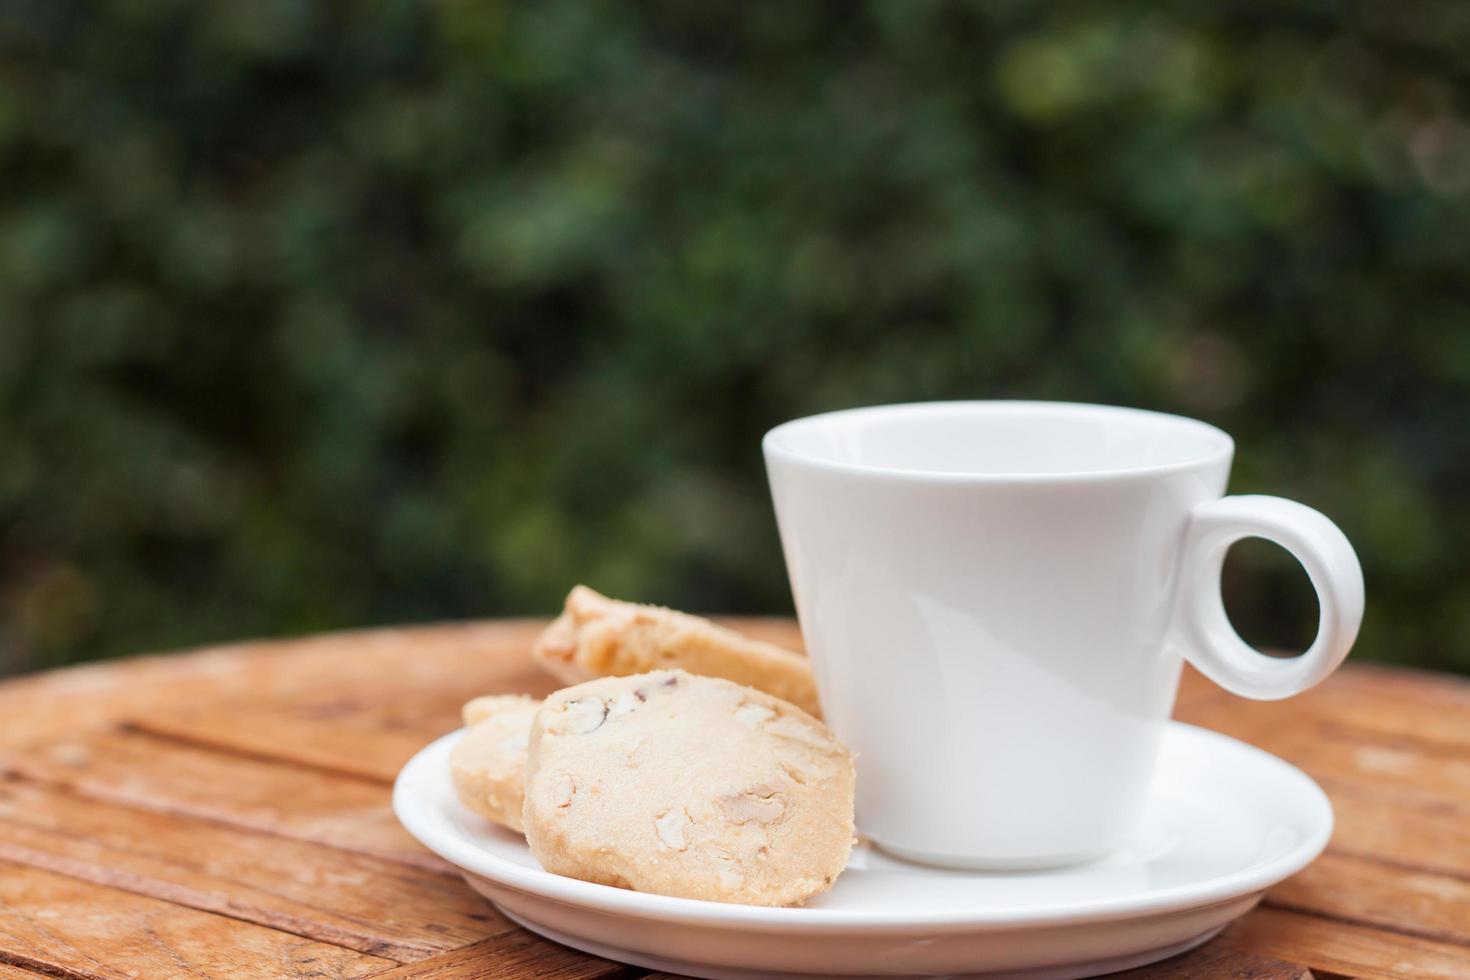 Cashewkekse mit einer weißen Kaffeetasse auf einem Tisch draußen foto